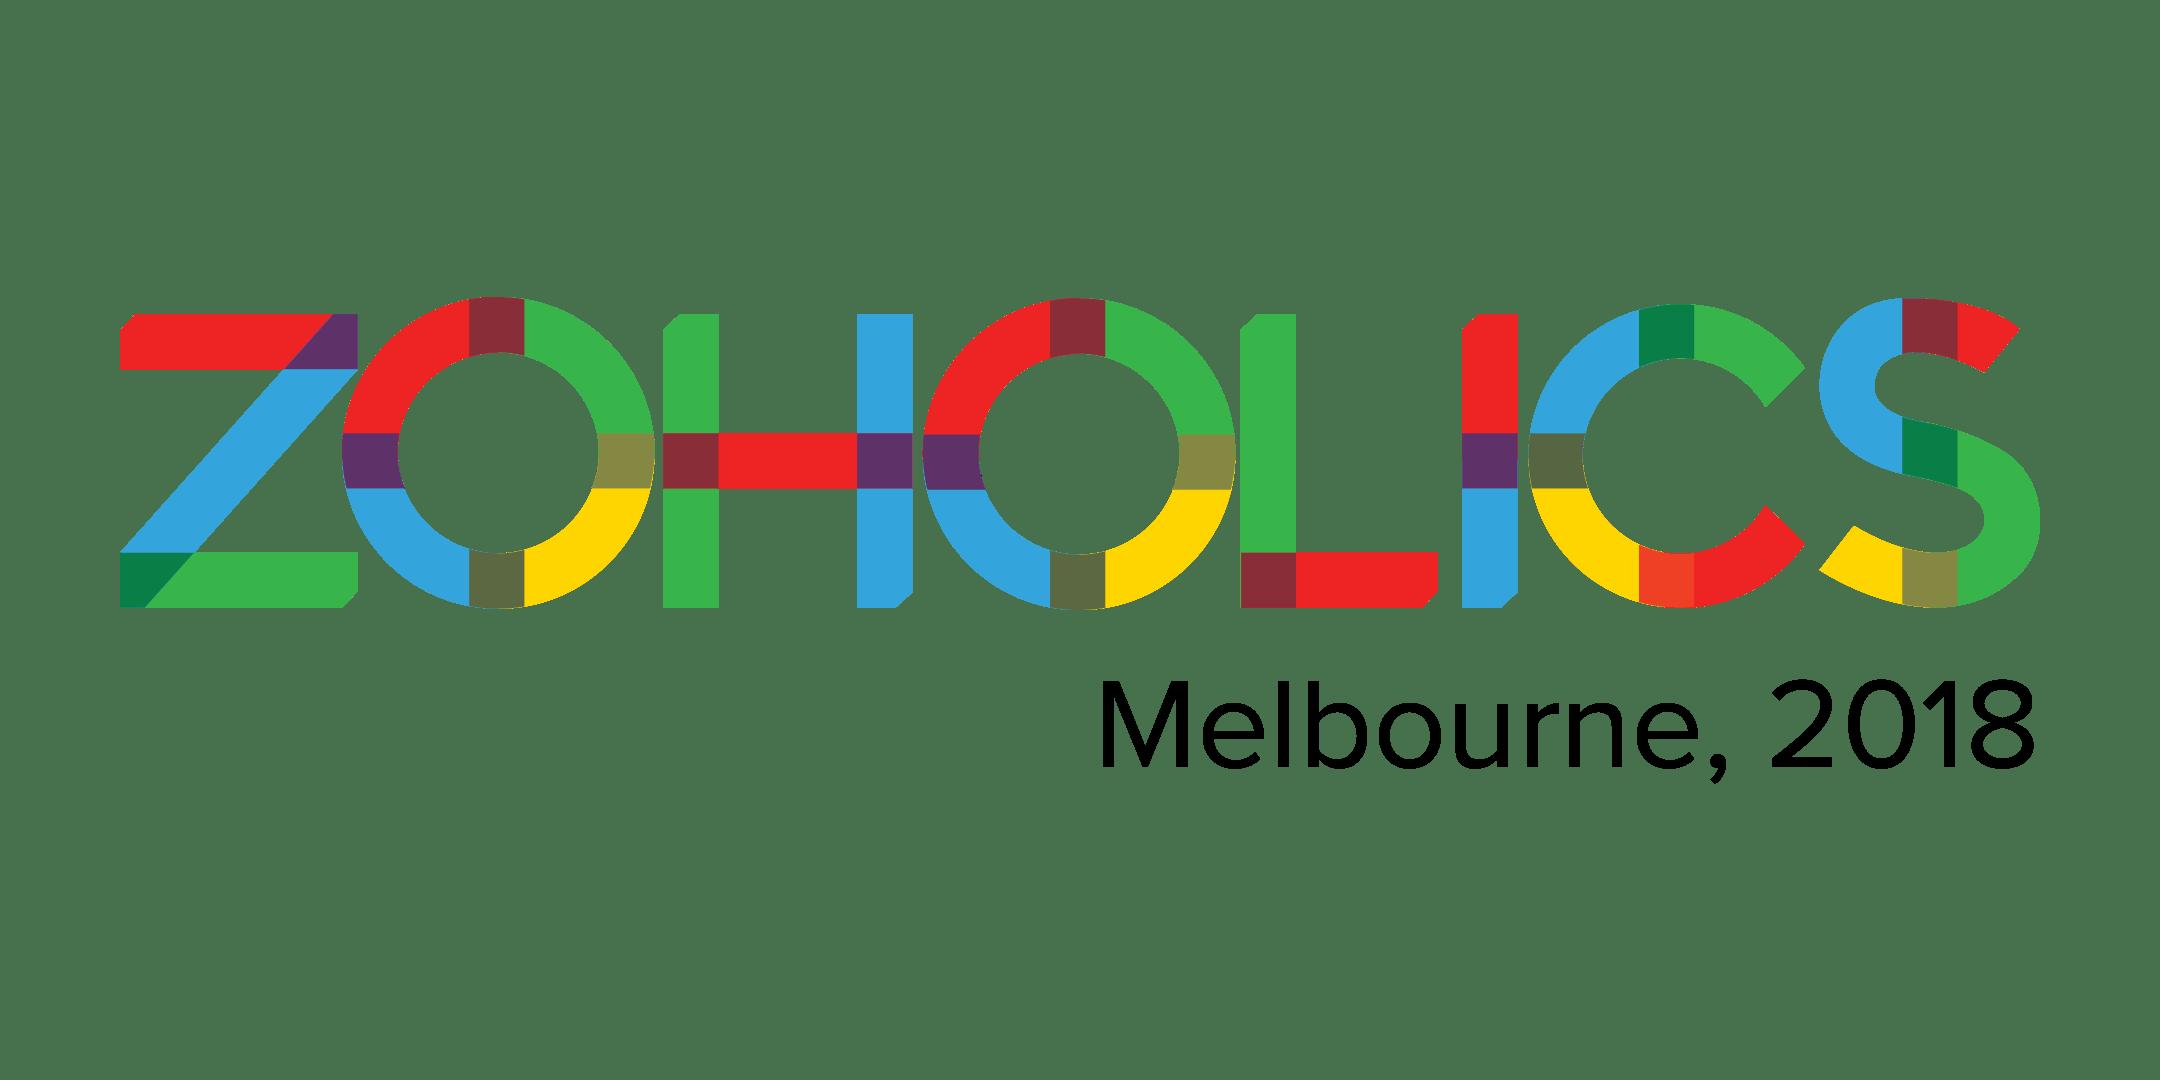 Zoholics: Melbourne